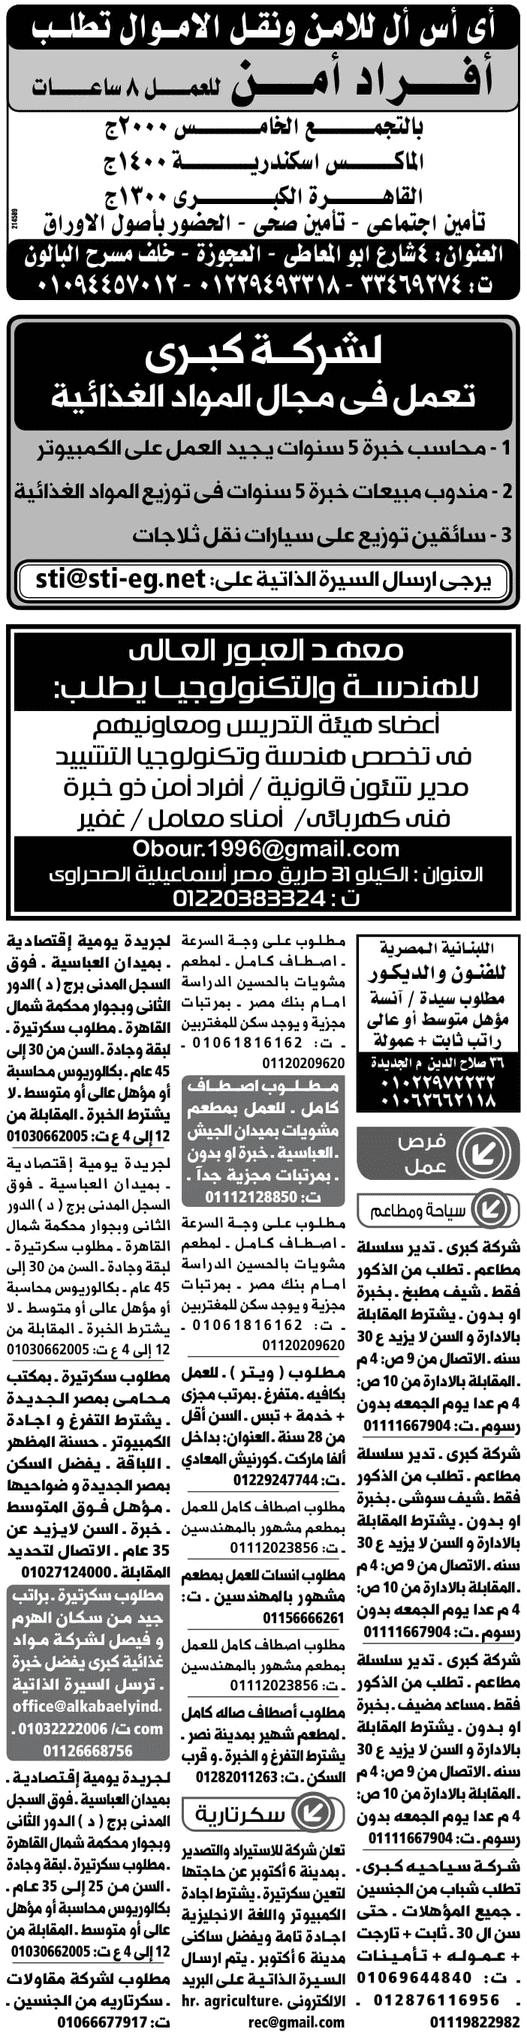 وظائف جريدة الوسيط مصر الأثنين 15/4/2019 8